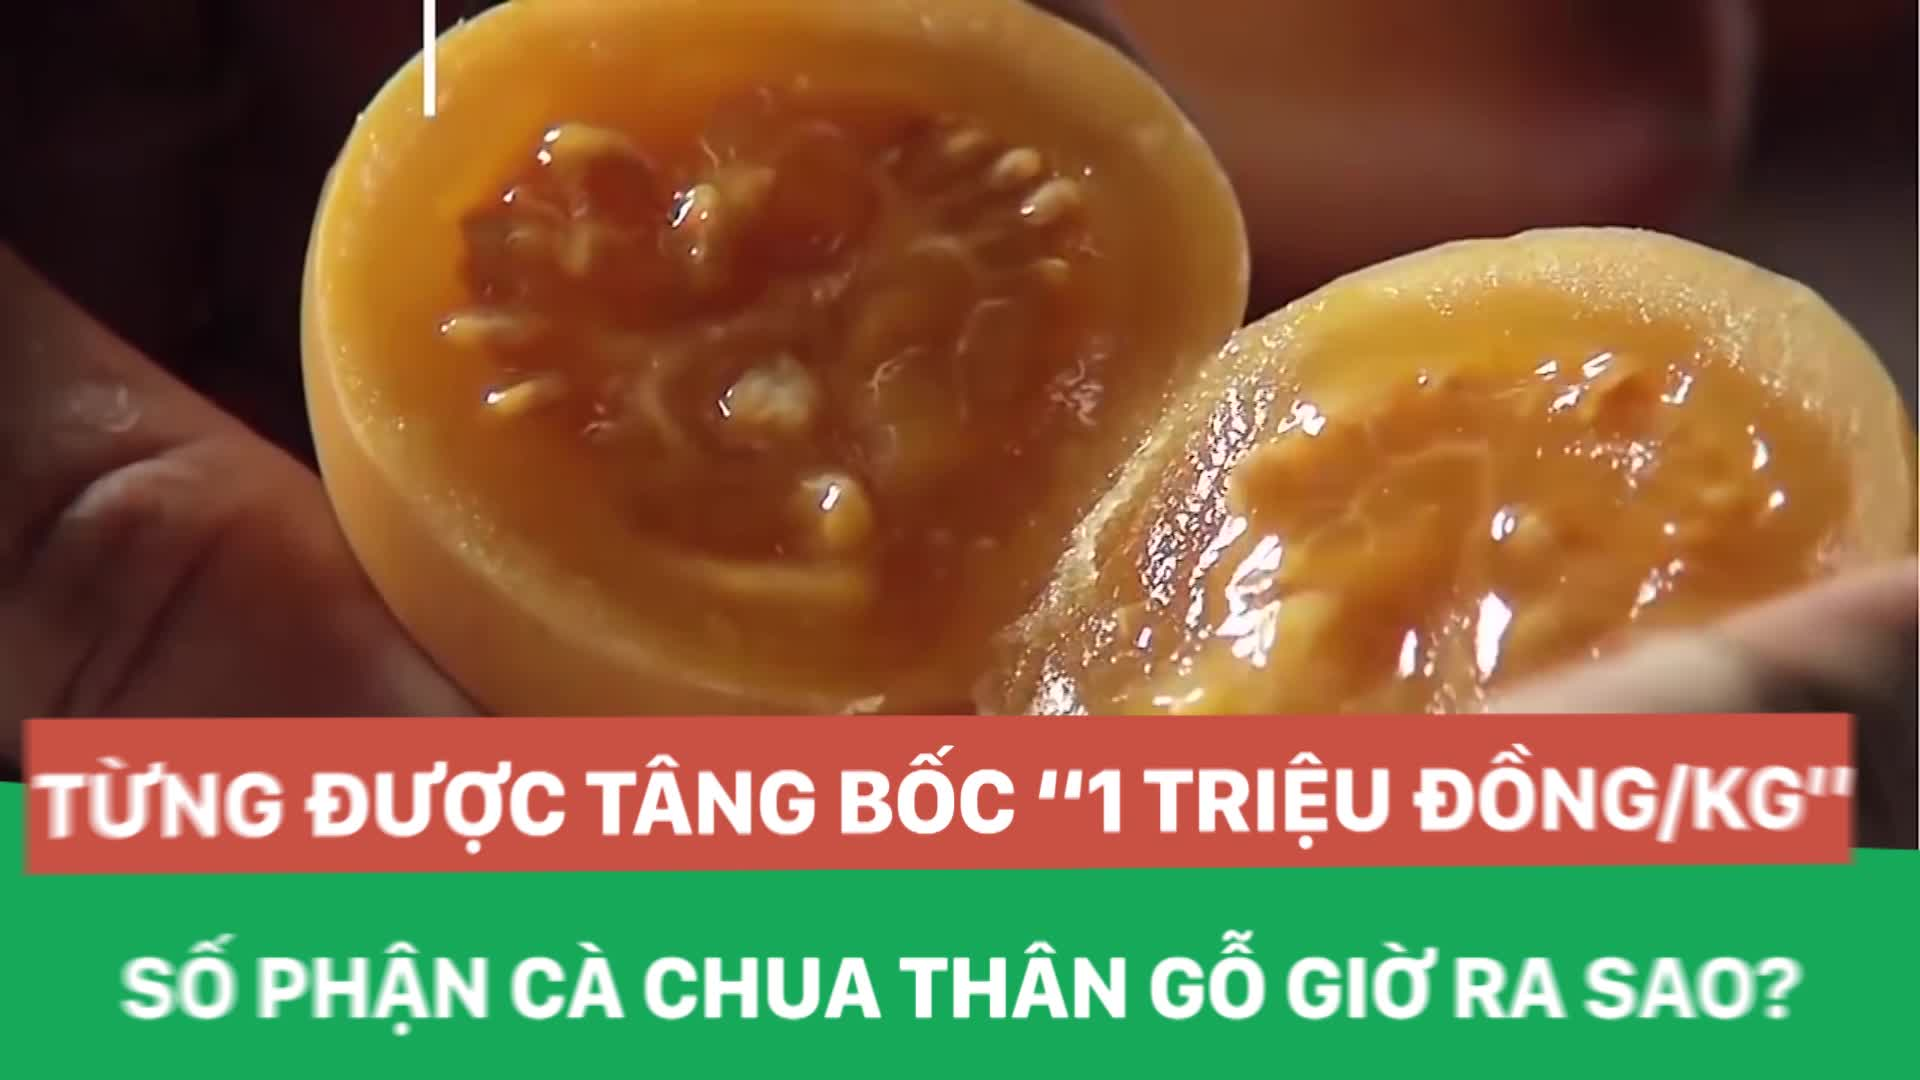 """Từng được tâng bốc """"1 triệu đồng/kg"""", số phận cà chua thân gỗ giờ ra sao?"""